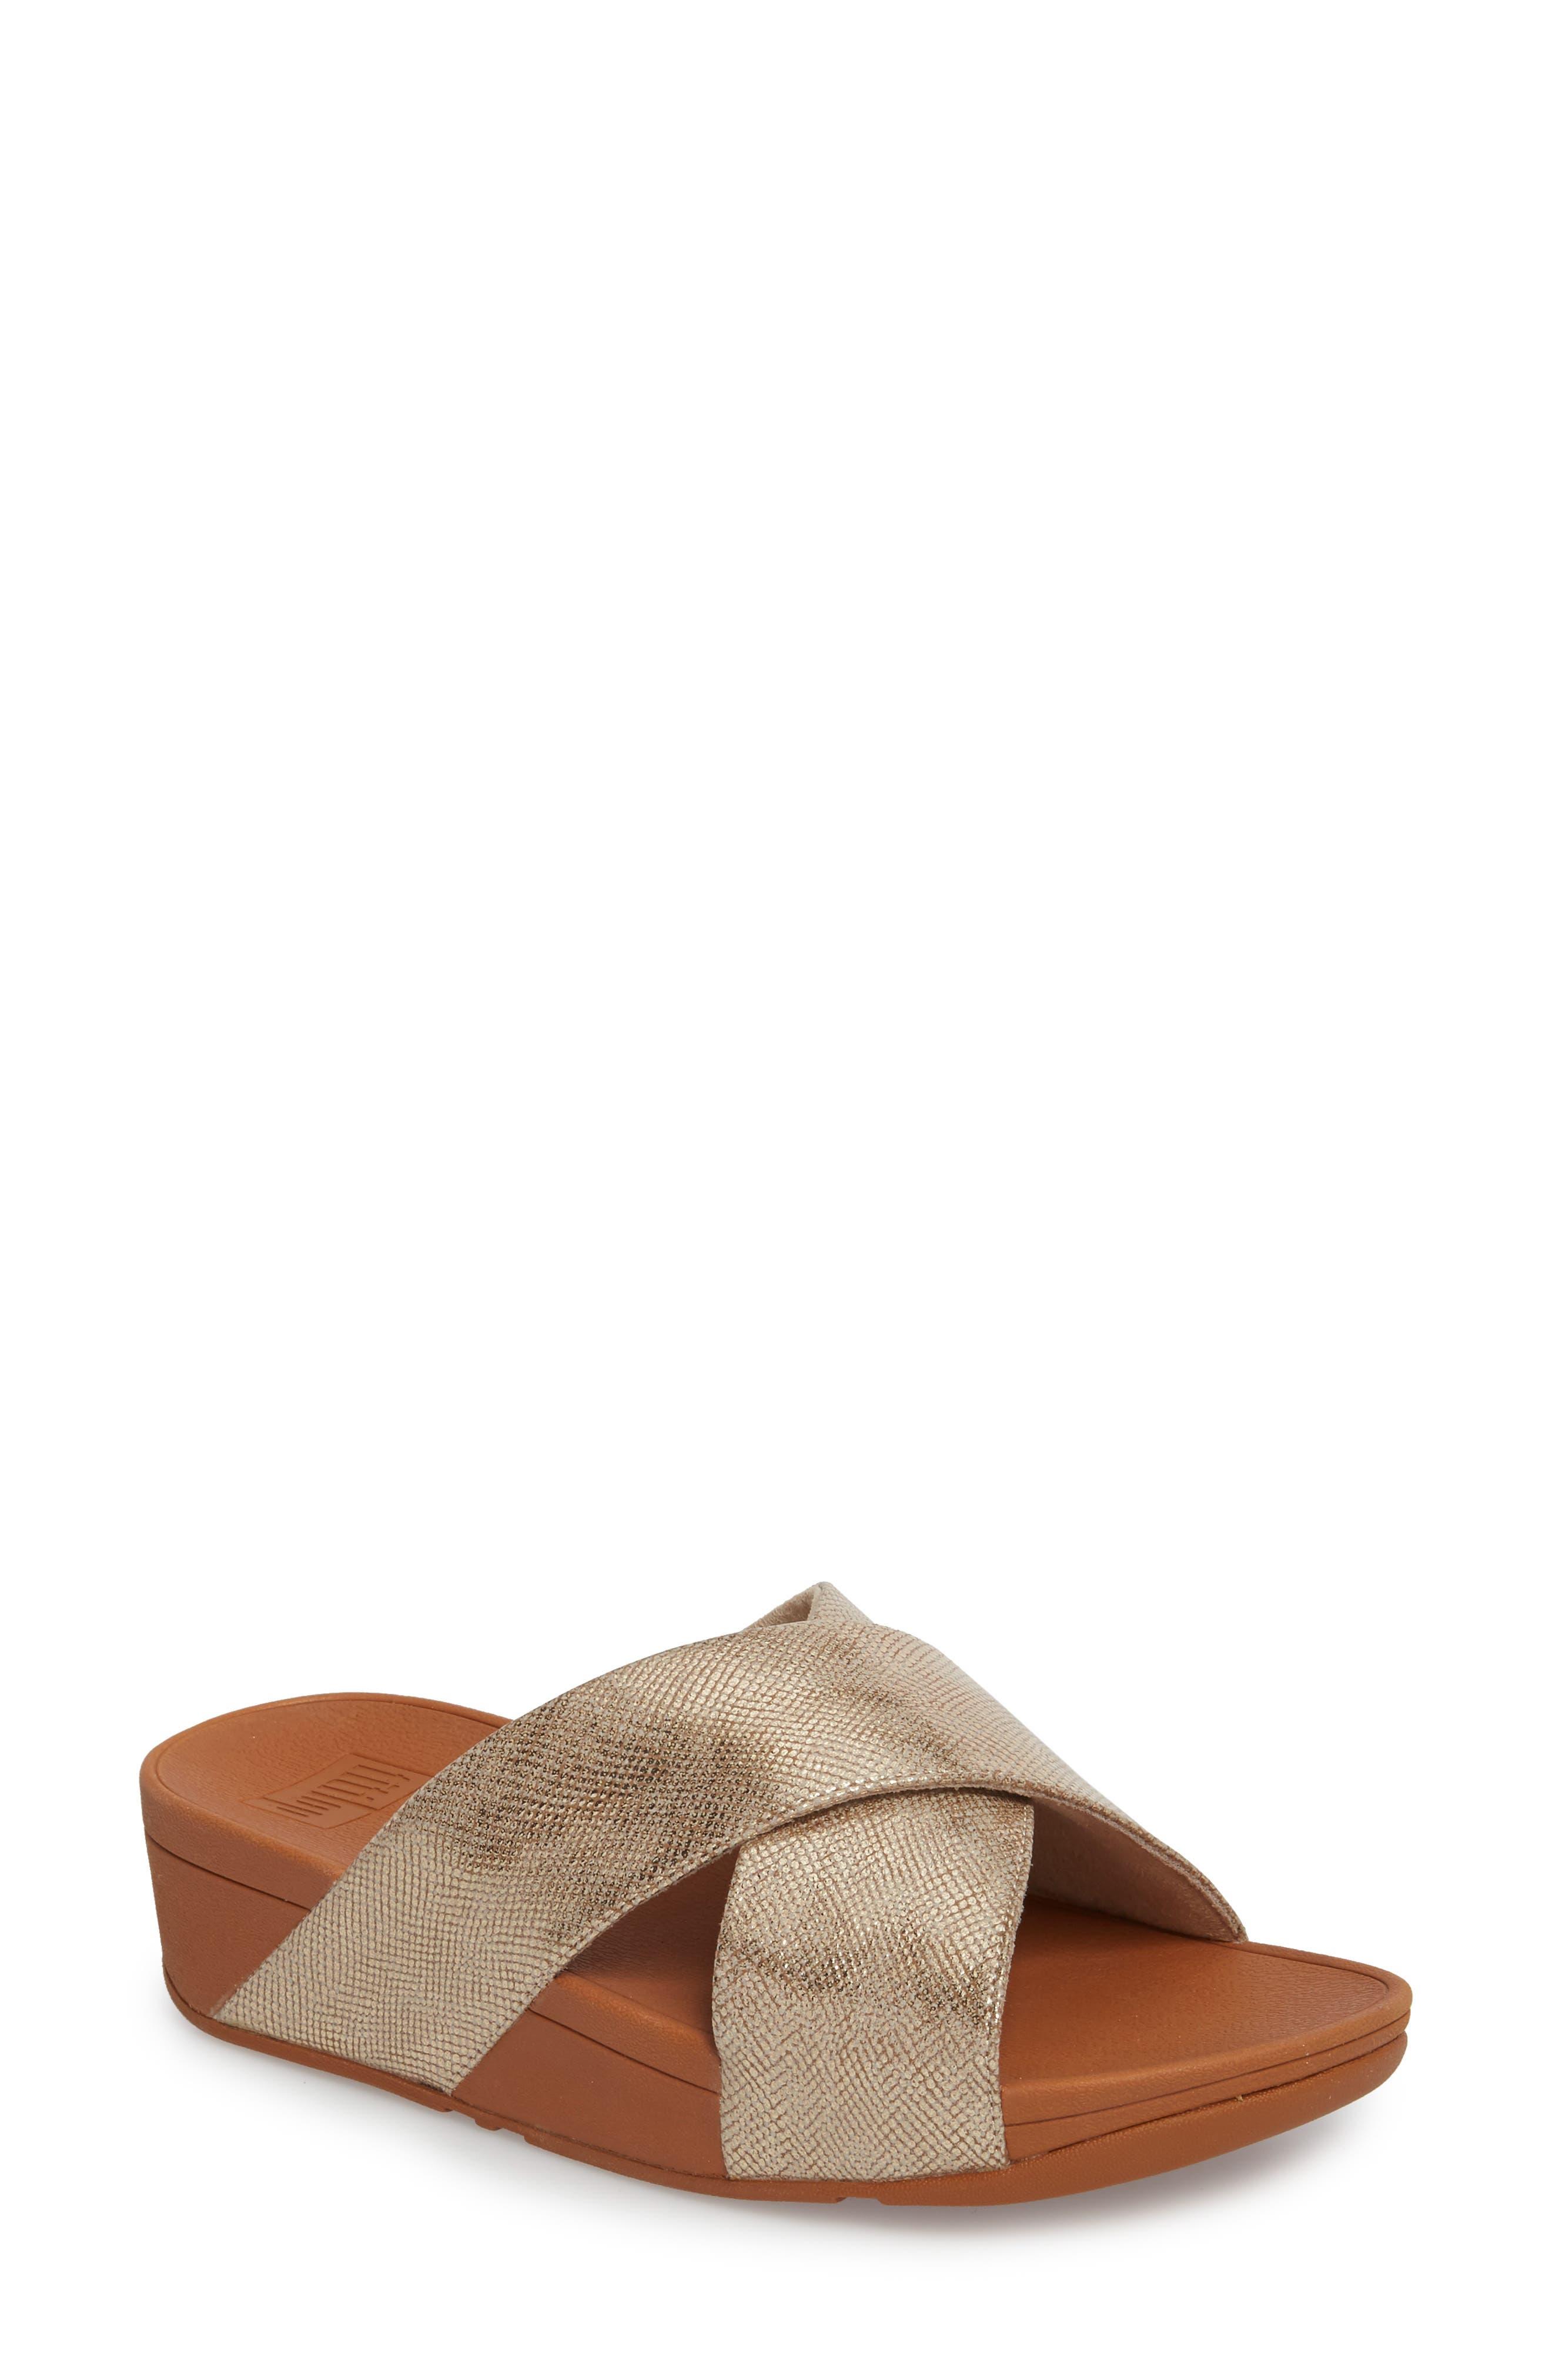 Lulu Cross Slide Sandal,                             Main thumbnail 1, color,                             Gold Shimmer Print